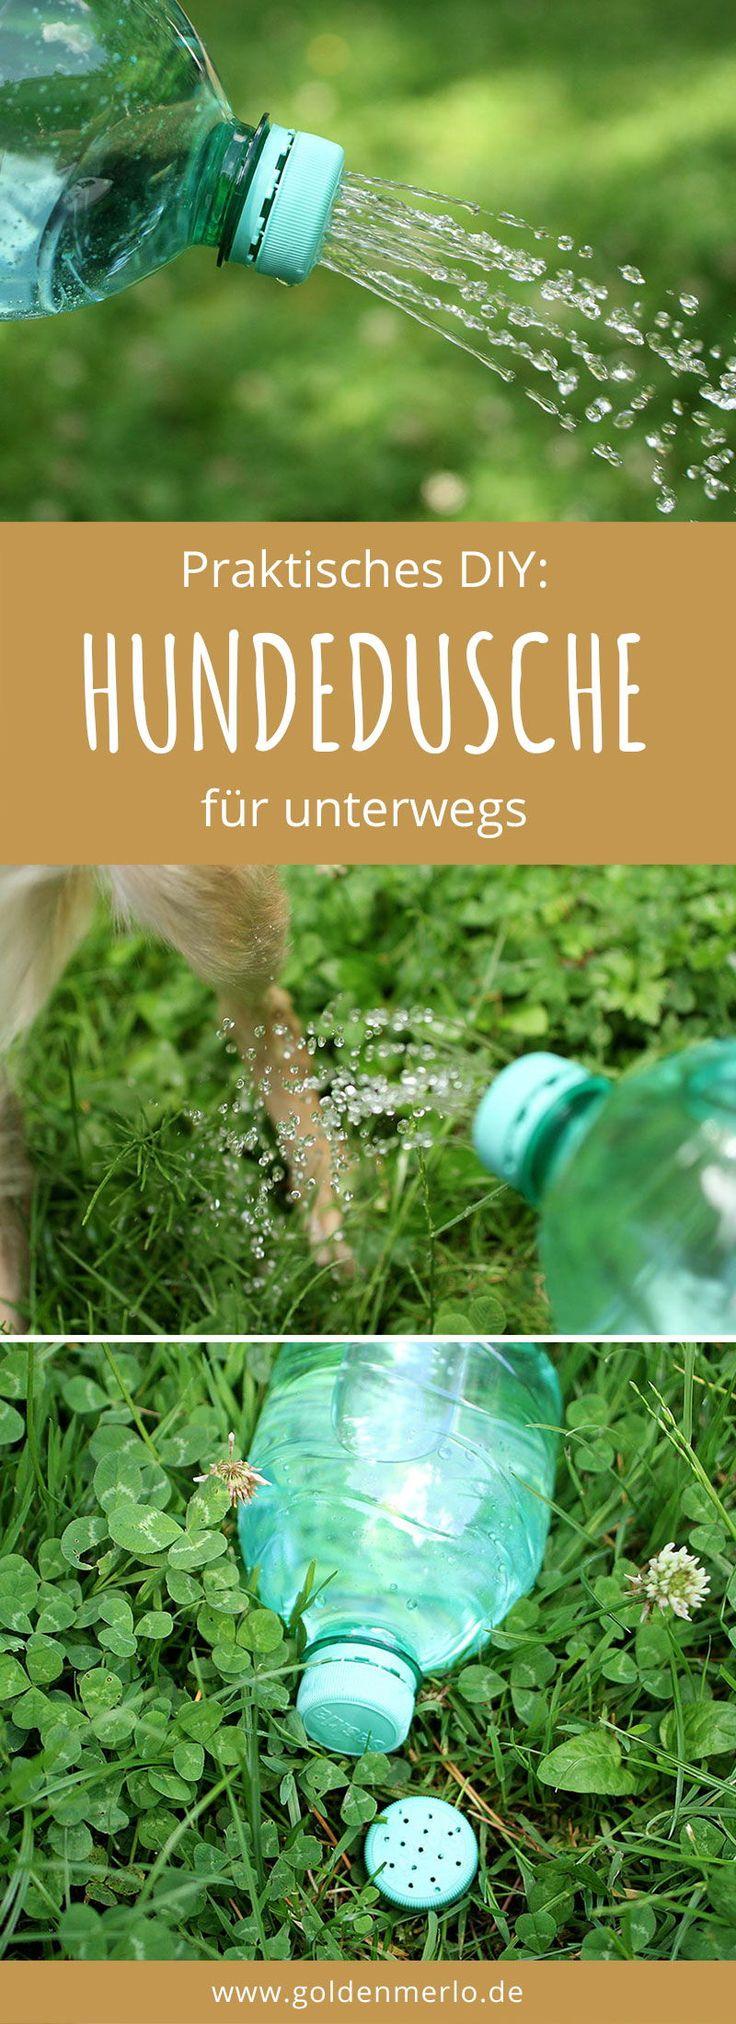 10 erstaunliche Lifehacks, Tipps und Tricks für Hundefreunde – GoldenMerlo Hundeblog | Silken Windsprite